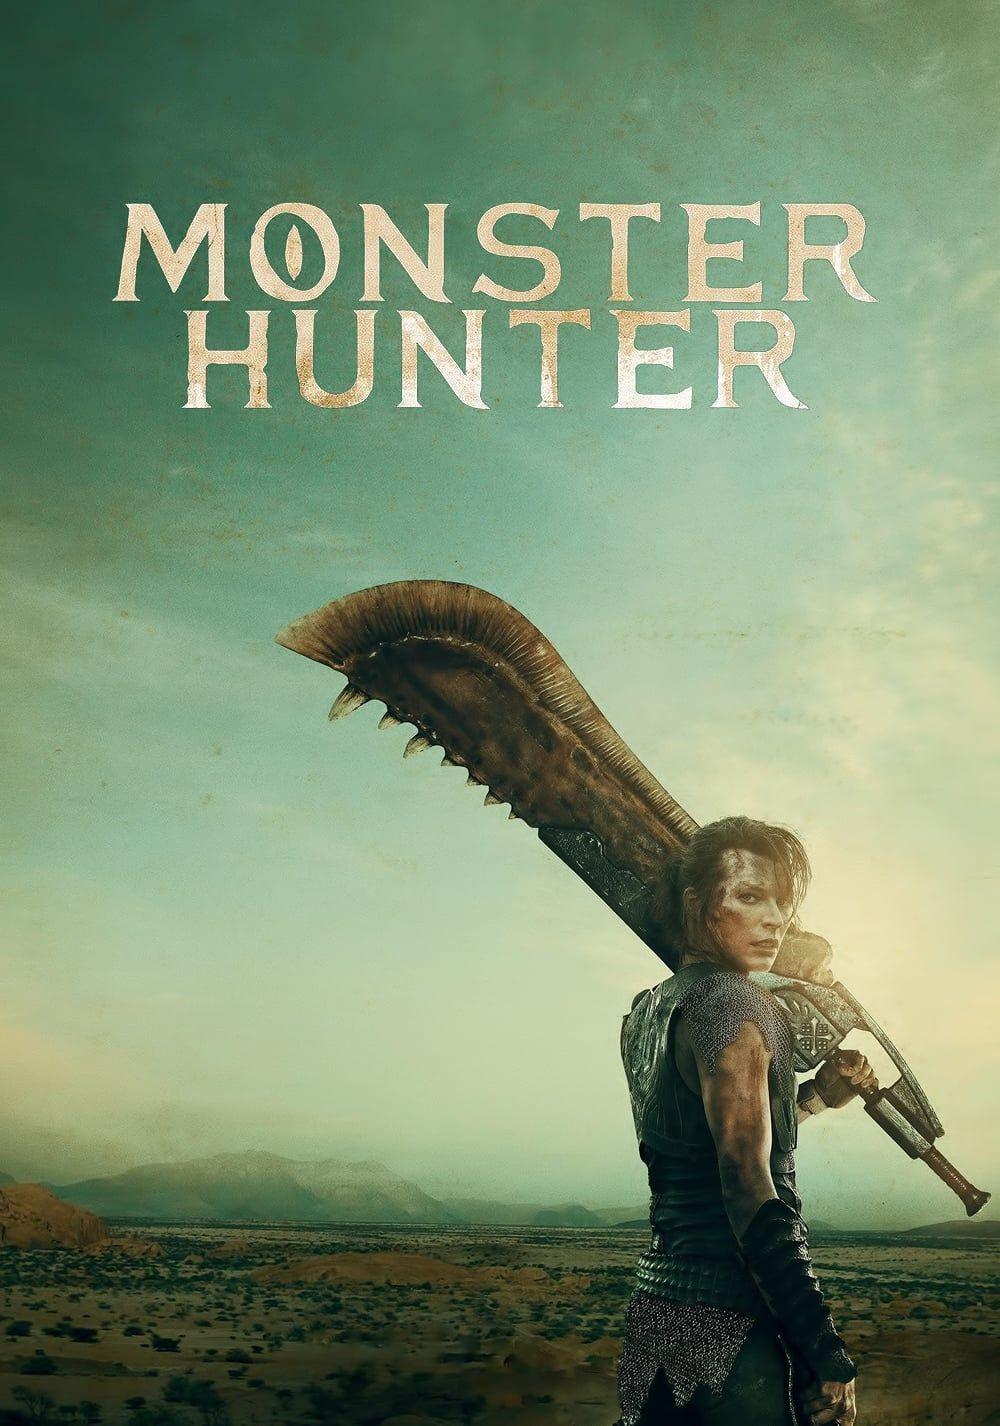 Nayta Monster Hunter Koko Elokuva 2020 Hd Films Complets Milla Jovovich Ron Perlman